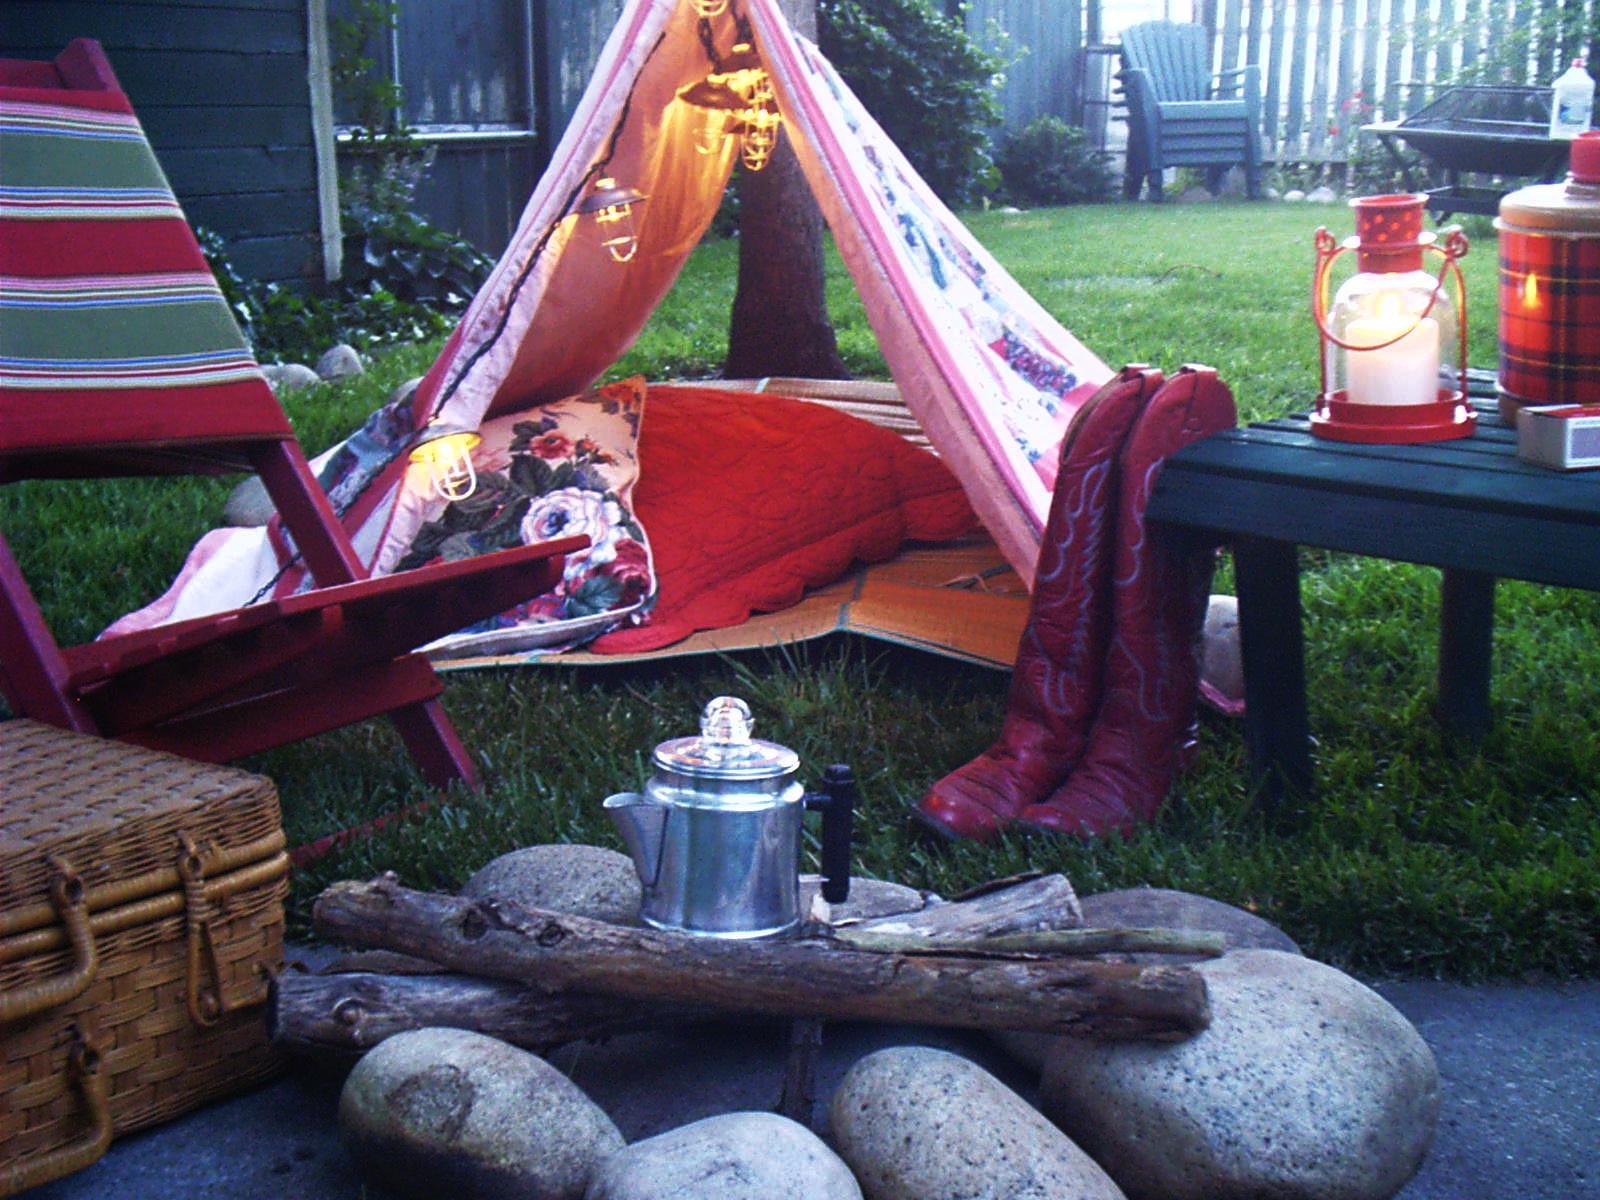 Holiday Ideas - Backyard Camping